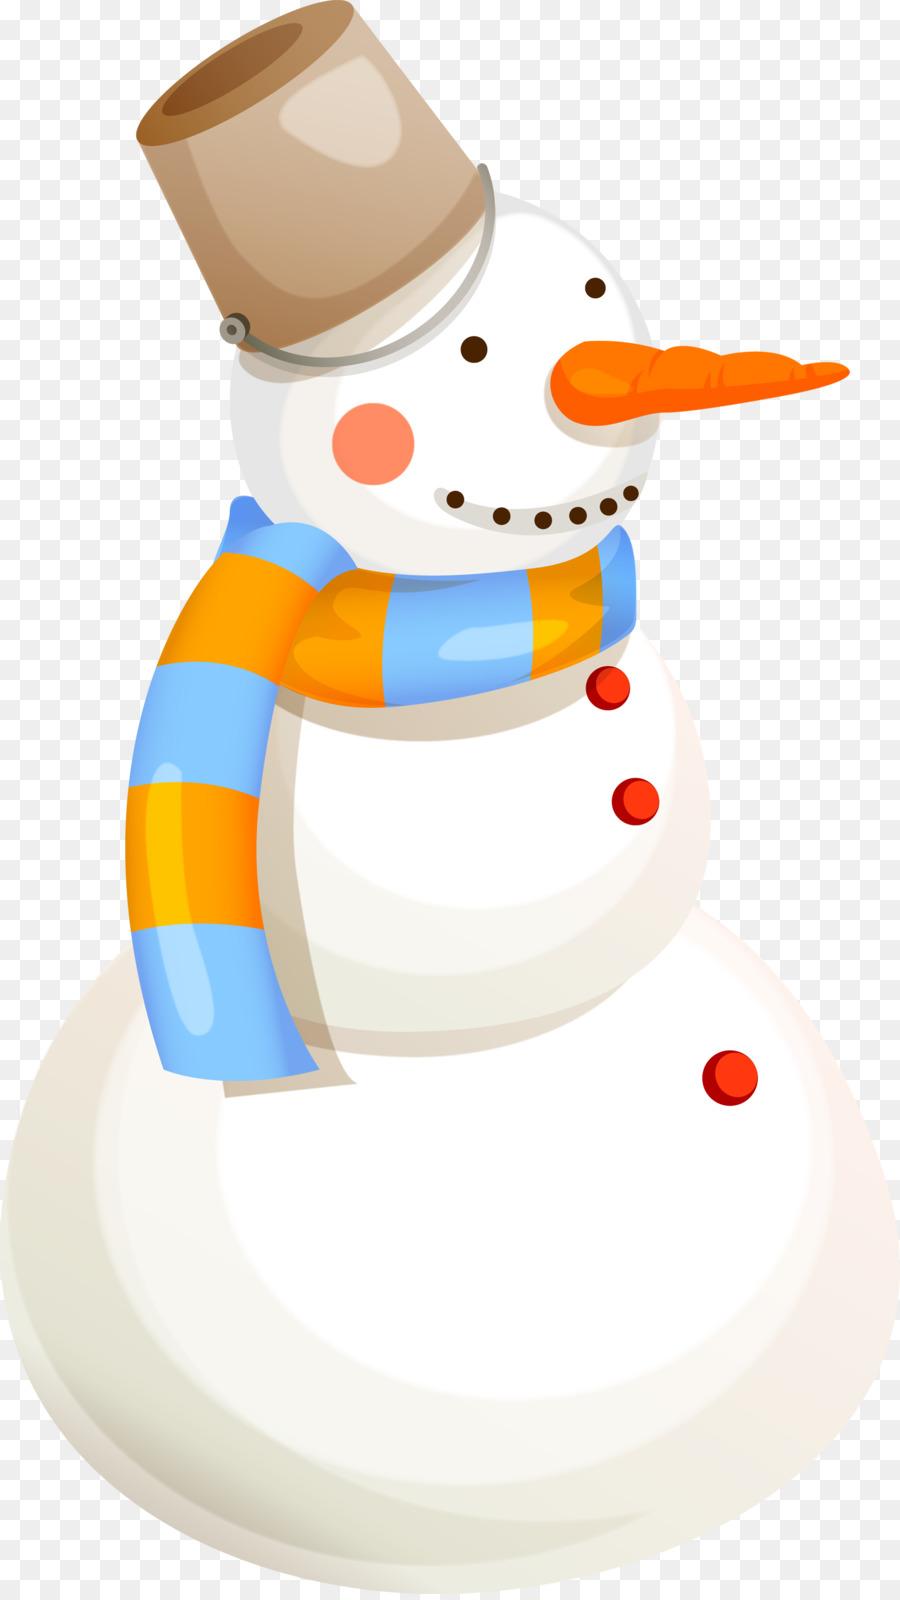 Descarga gratuita de Muñeco De Nieve, Ded Moroz, Jack Frost Imágen de Png